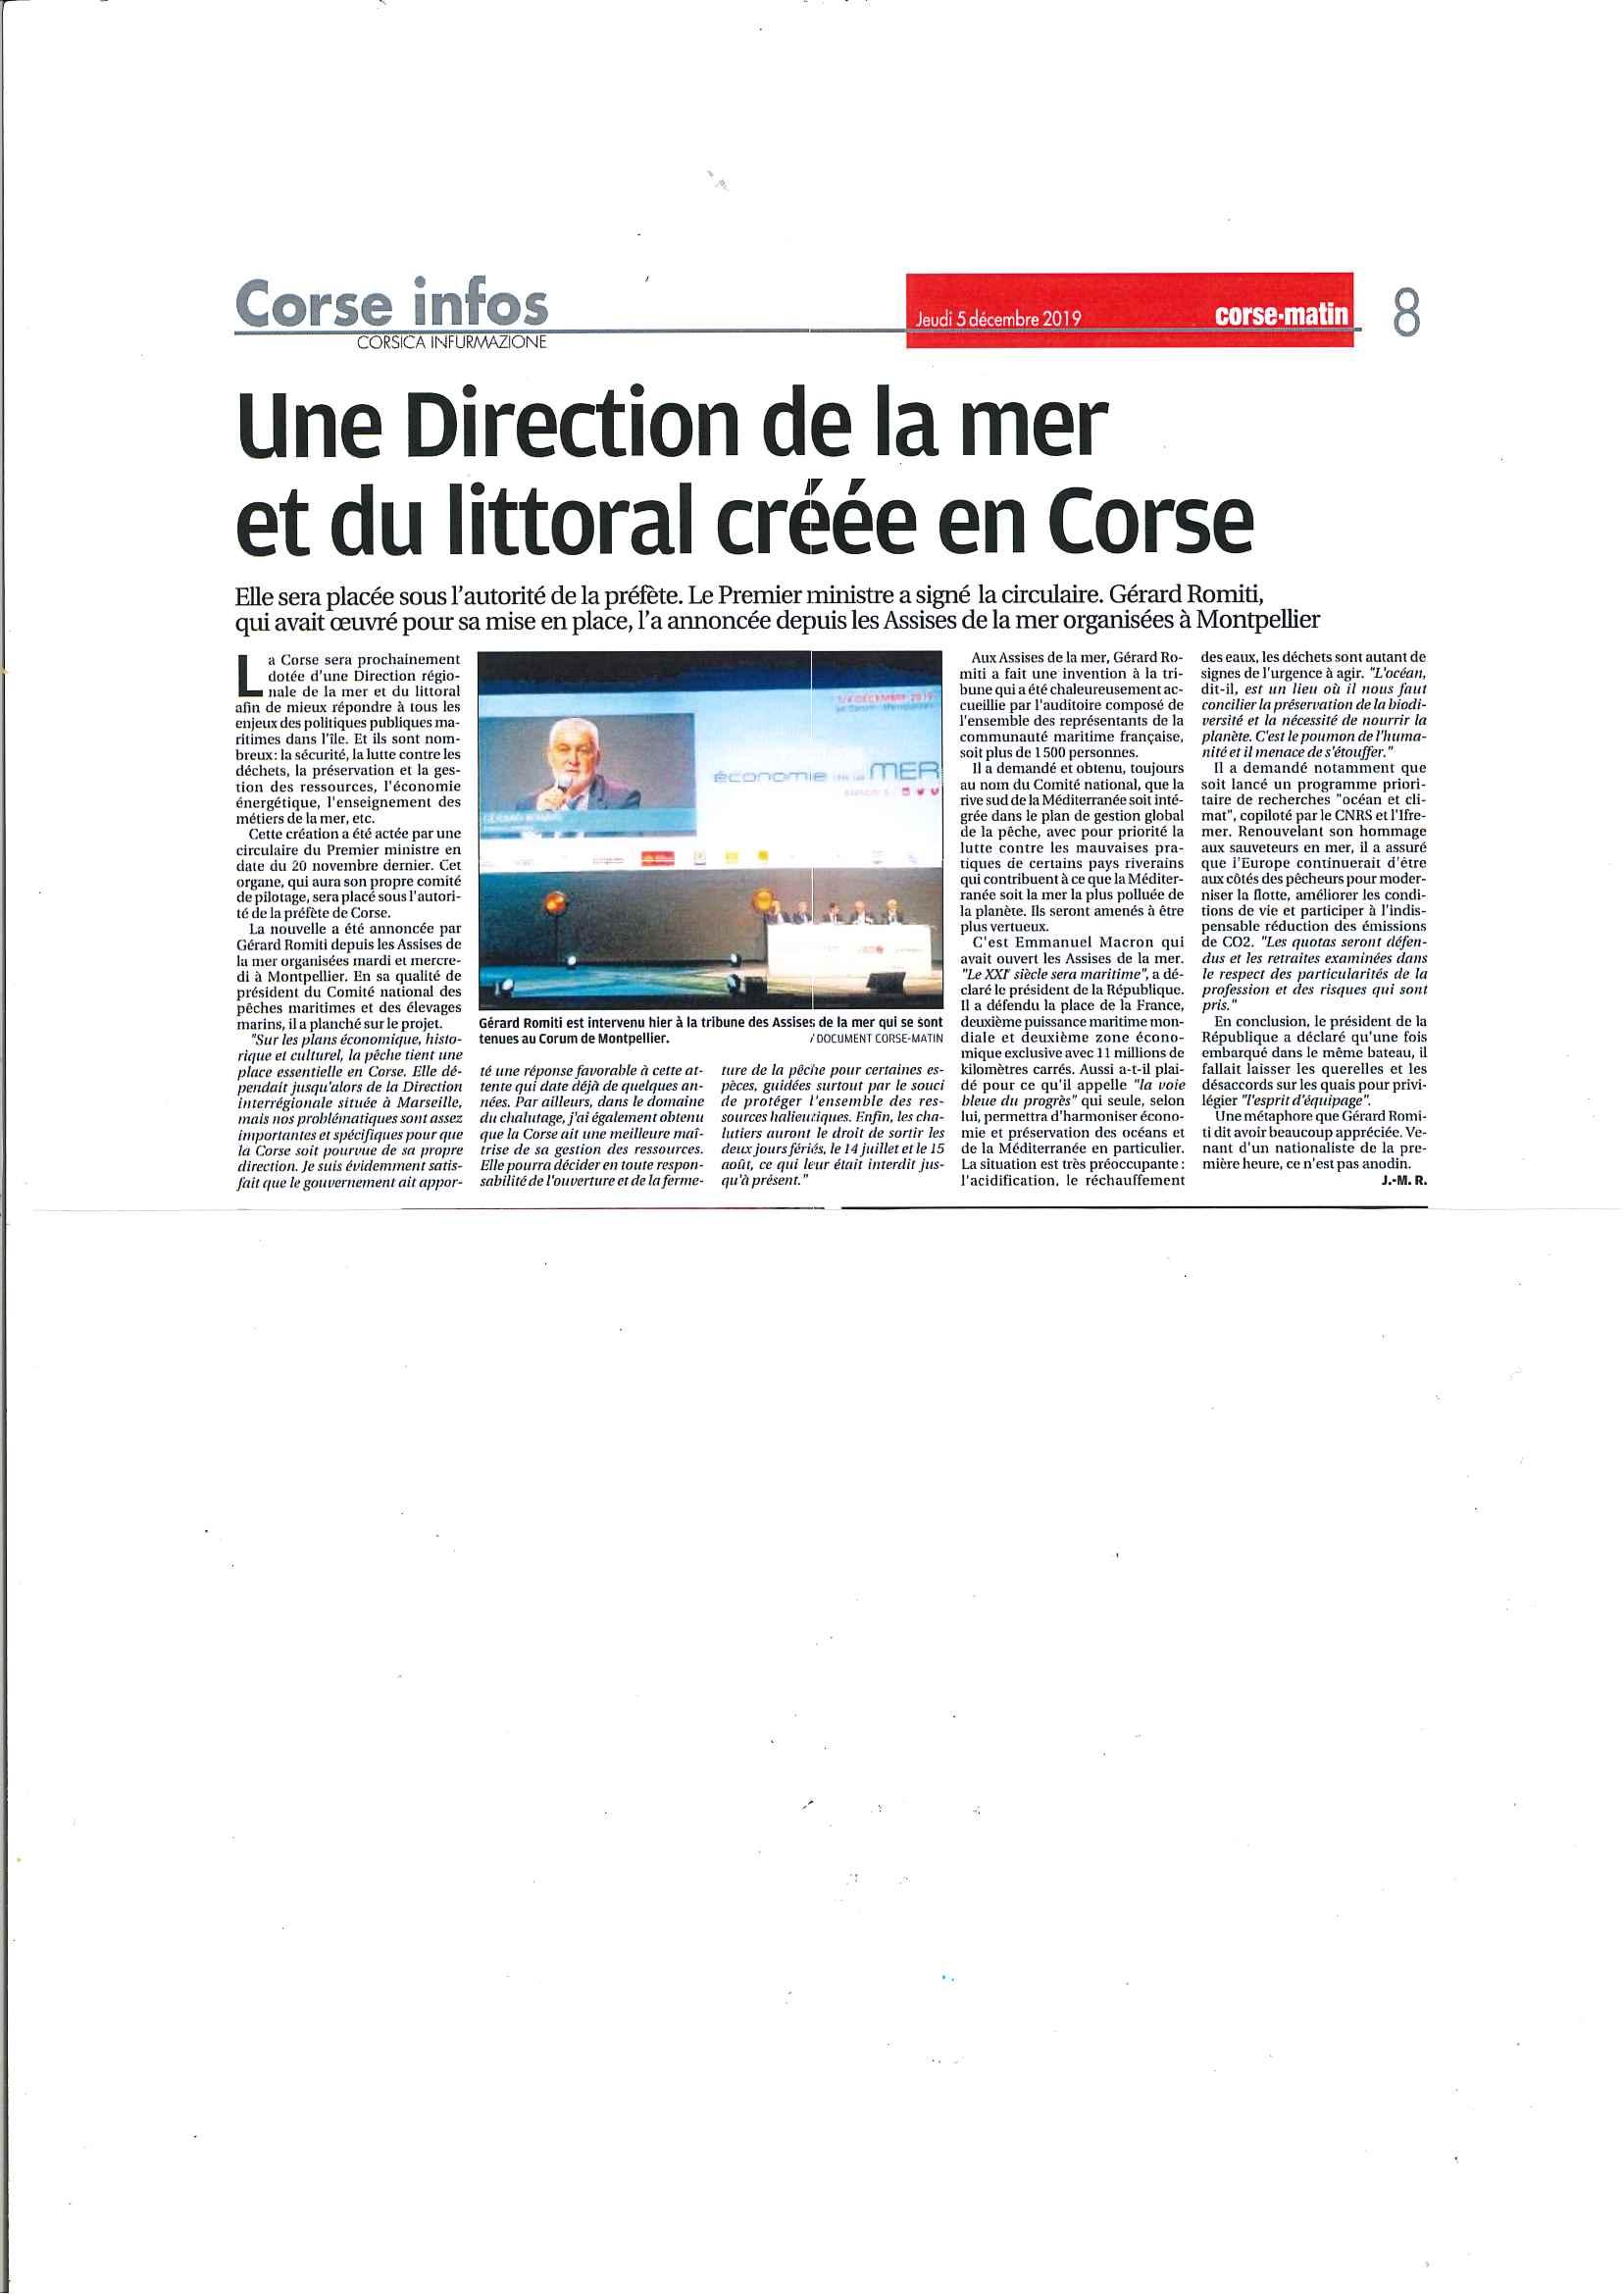 La nouvelle a été annoncée par Gérard Romiti, Président du CRPMEM de Corse et du CNPMEM.